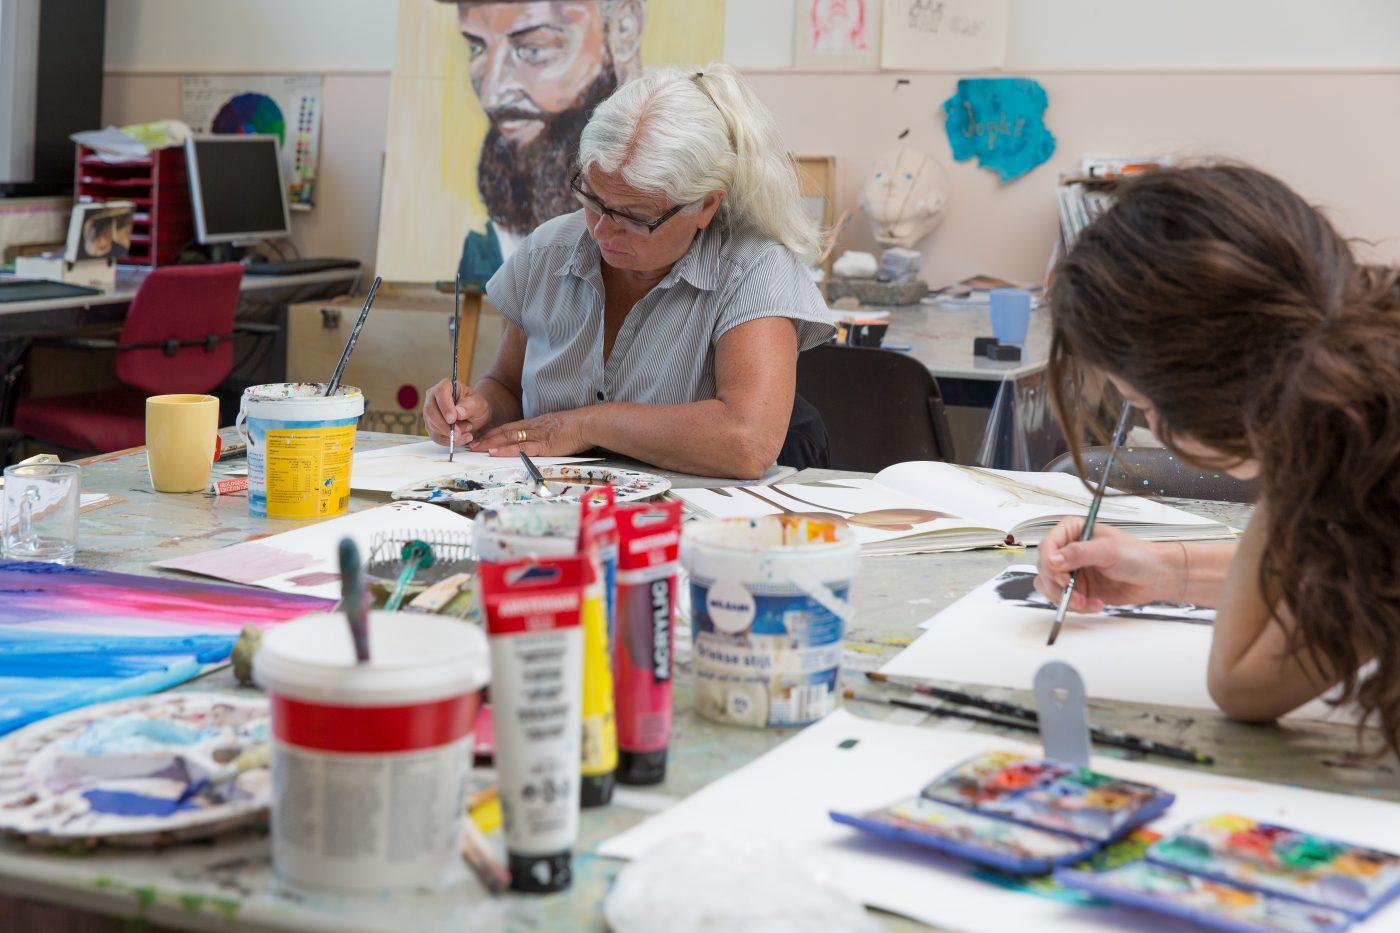 Impressie schilderles door Jofke bij Studio Xplo